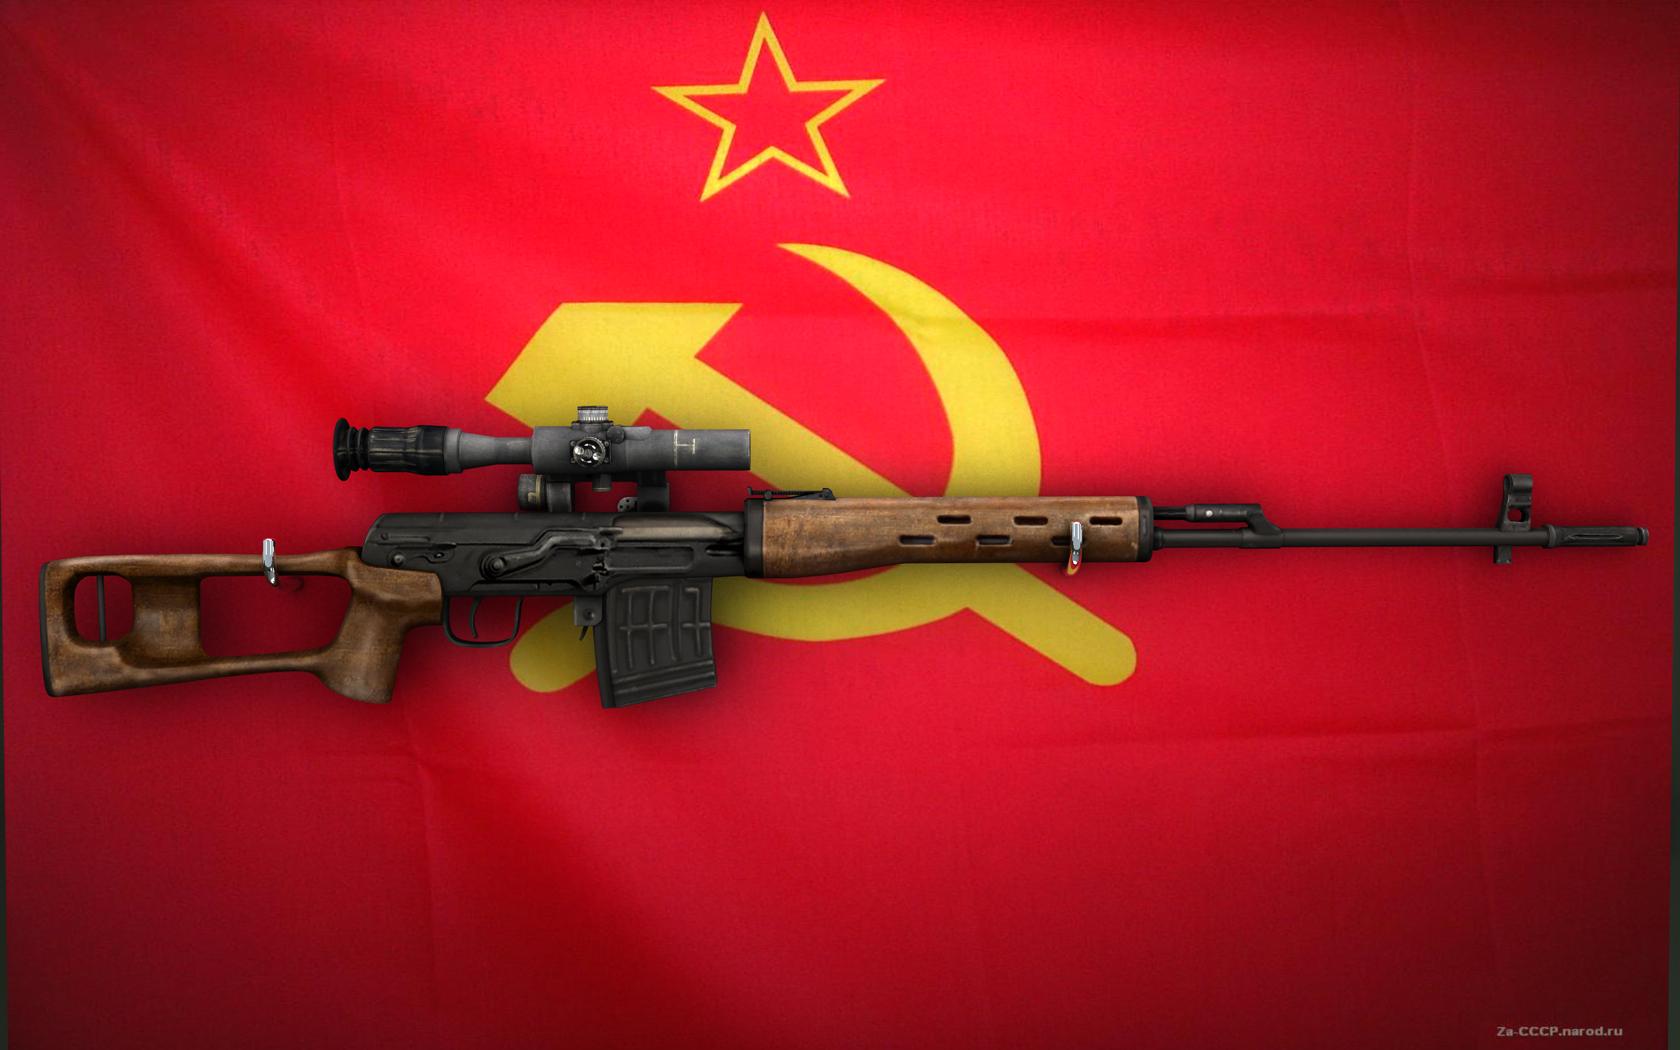 SVD Dragunov Wallpaper, скачать фото, обои для рабочего стола, СВД Драгунова, снайперская винтовка